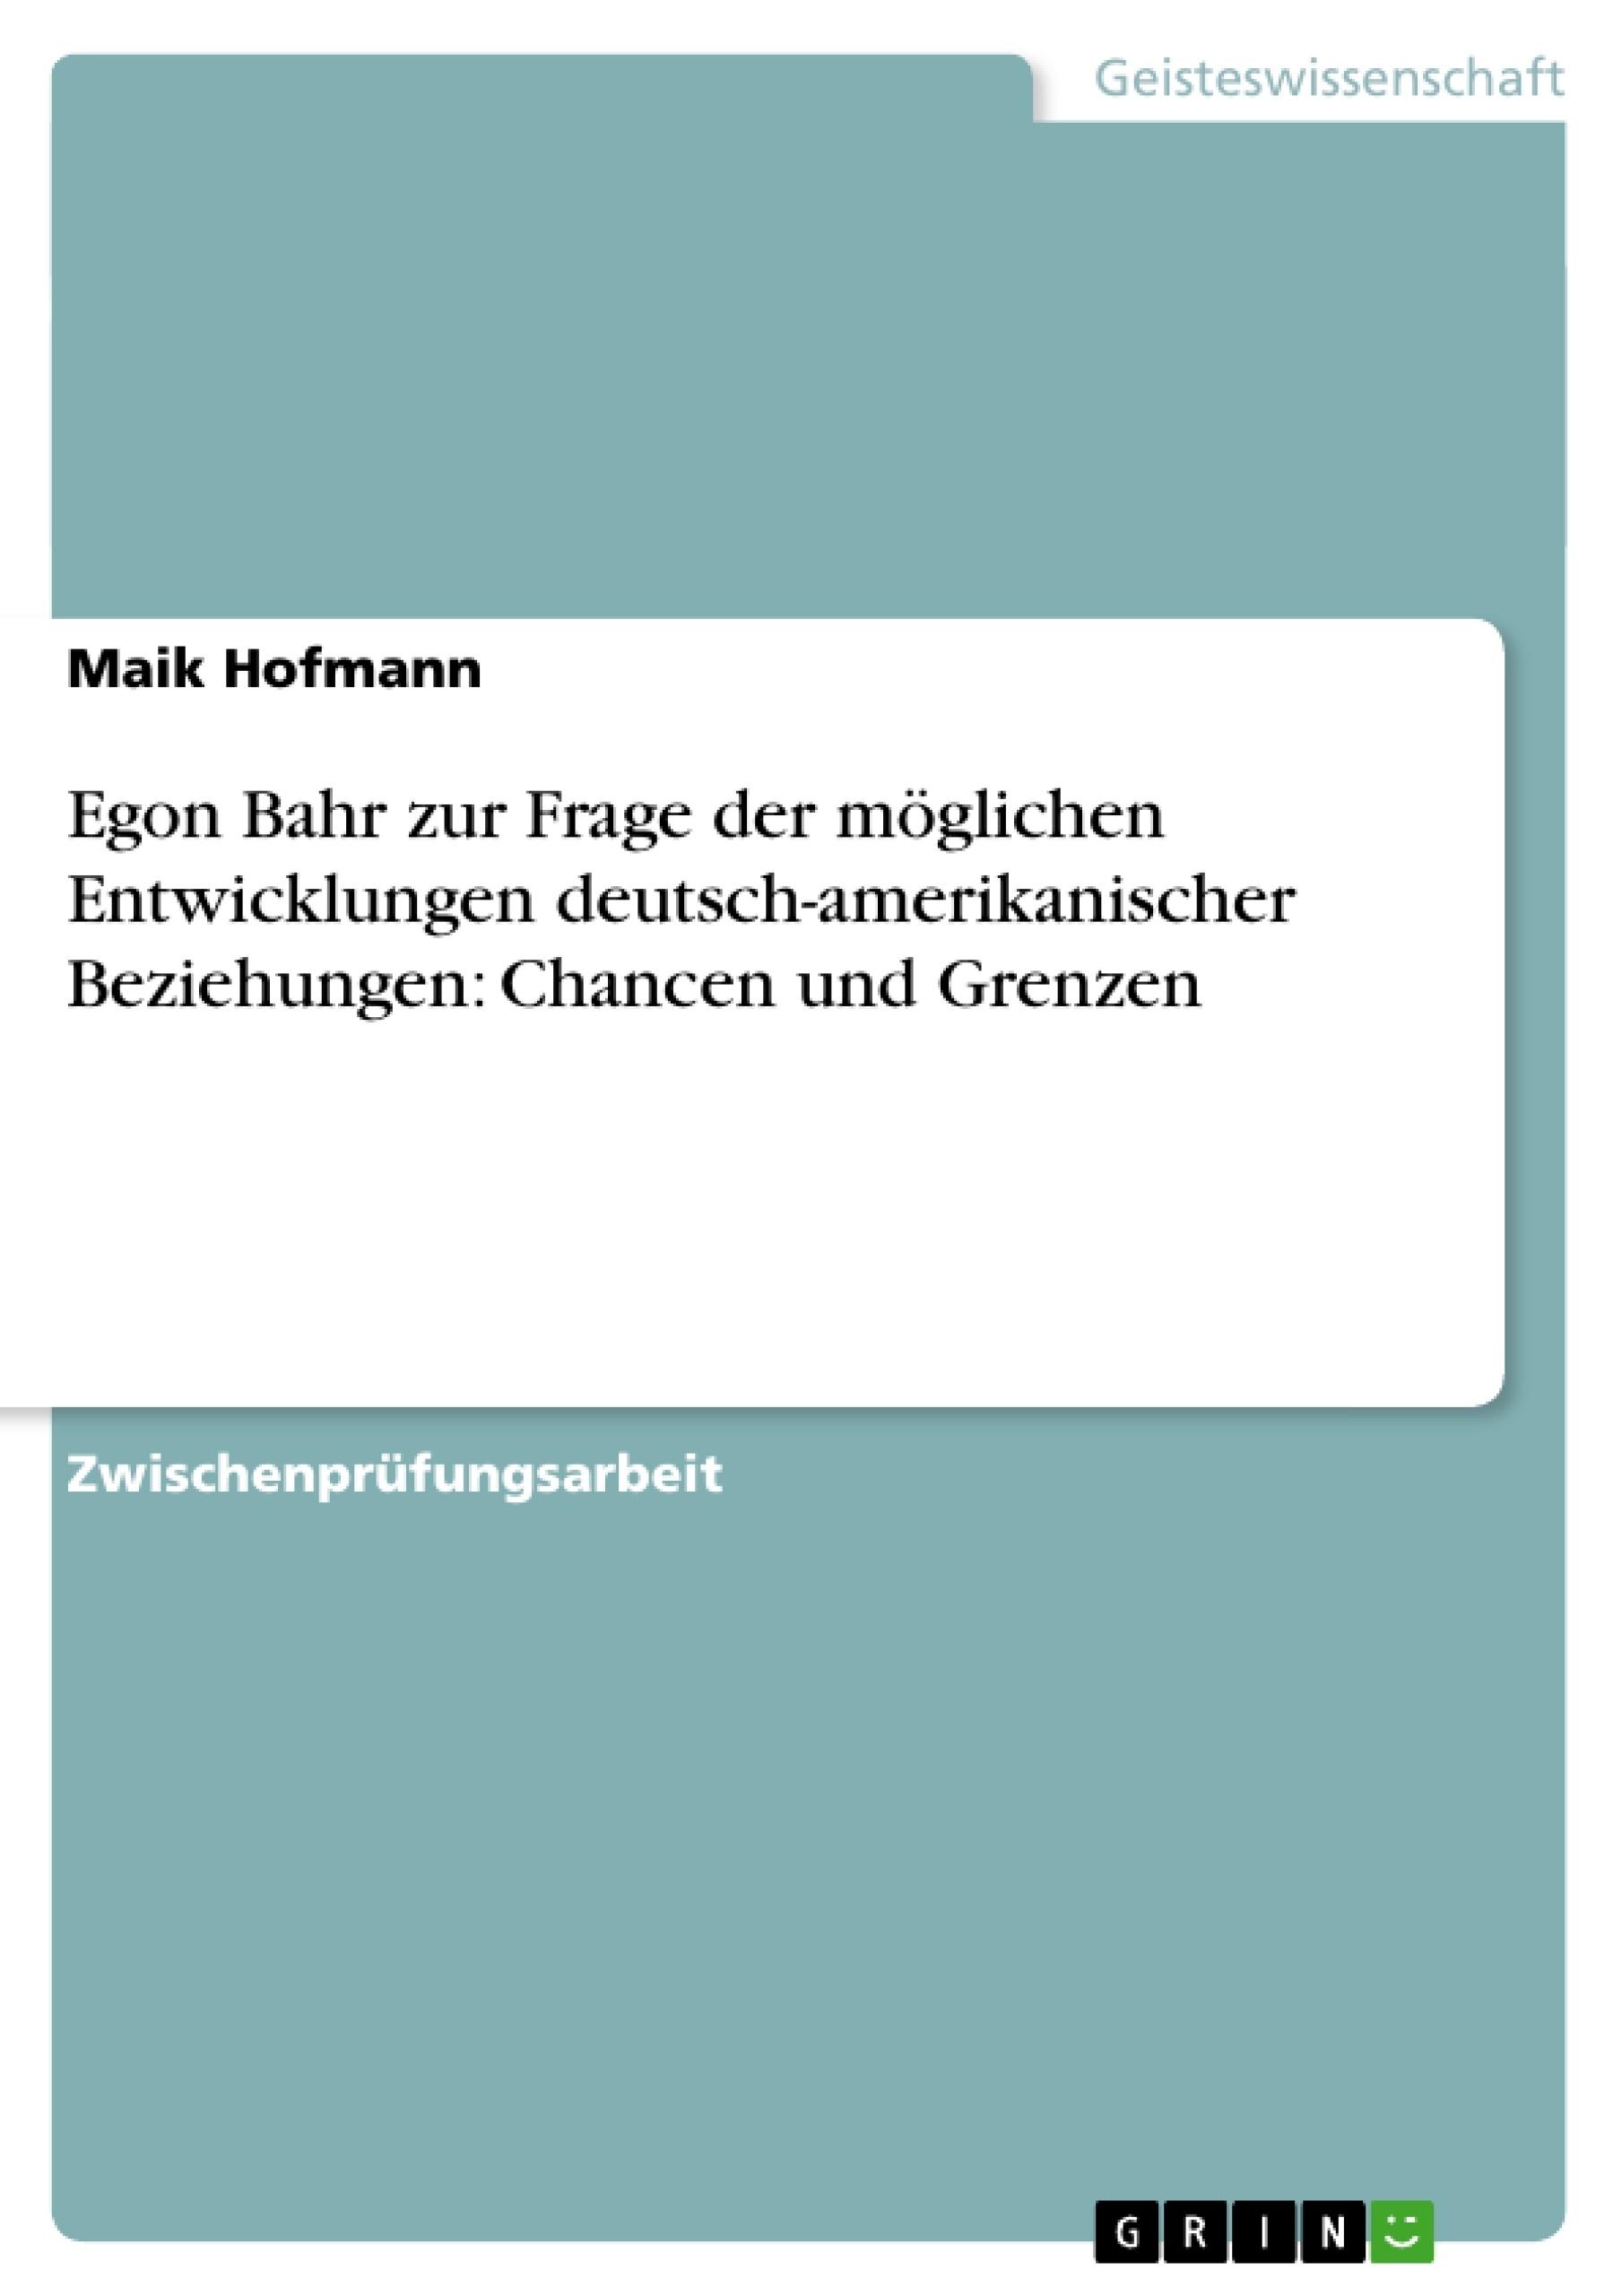 Titel: Egon Bahr zur Frage der möglichen Entwicklungen deutsch-amerikanischer Beziehungen: Chancen und Grenzen